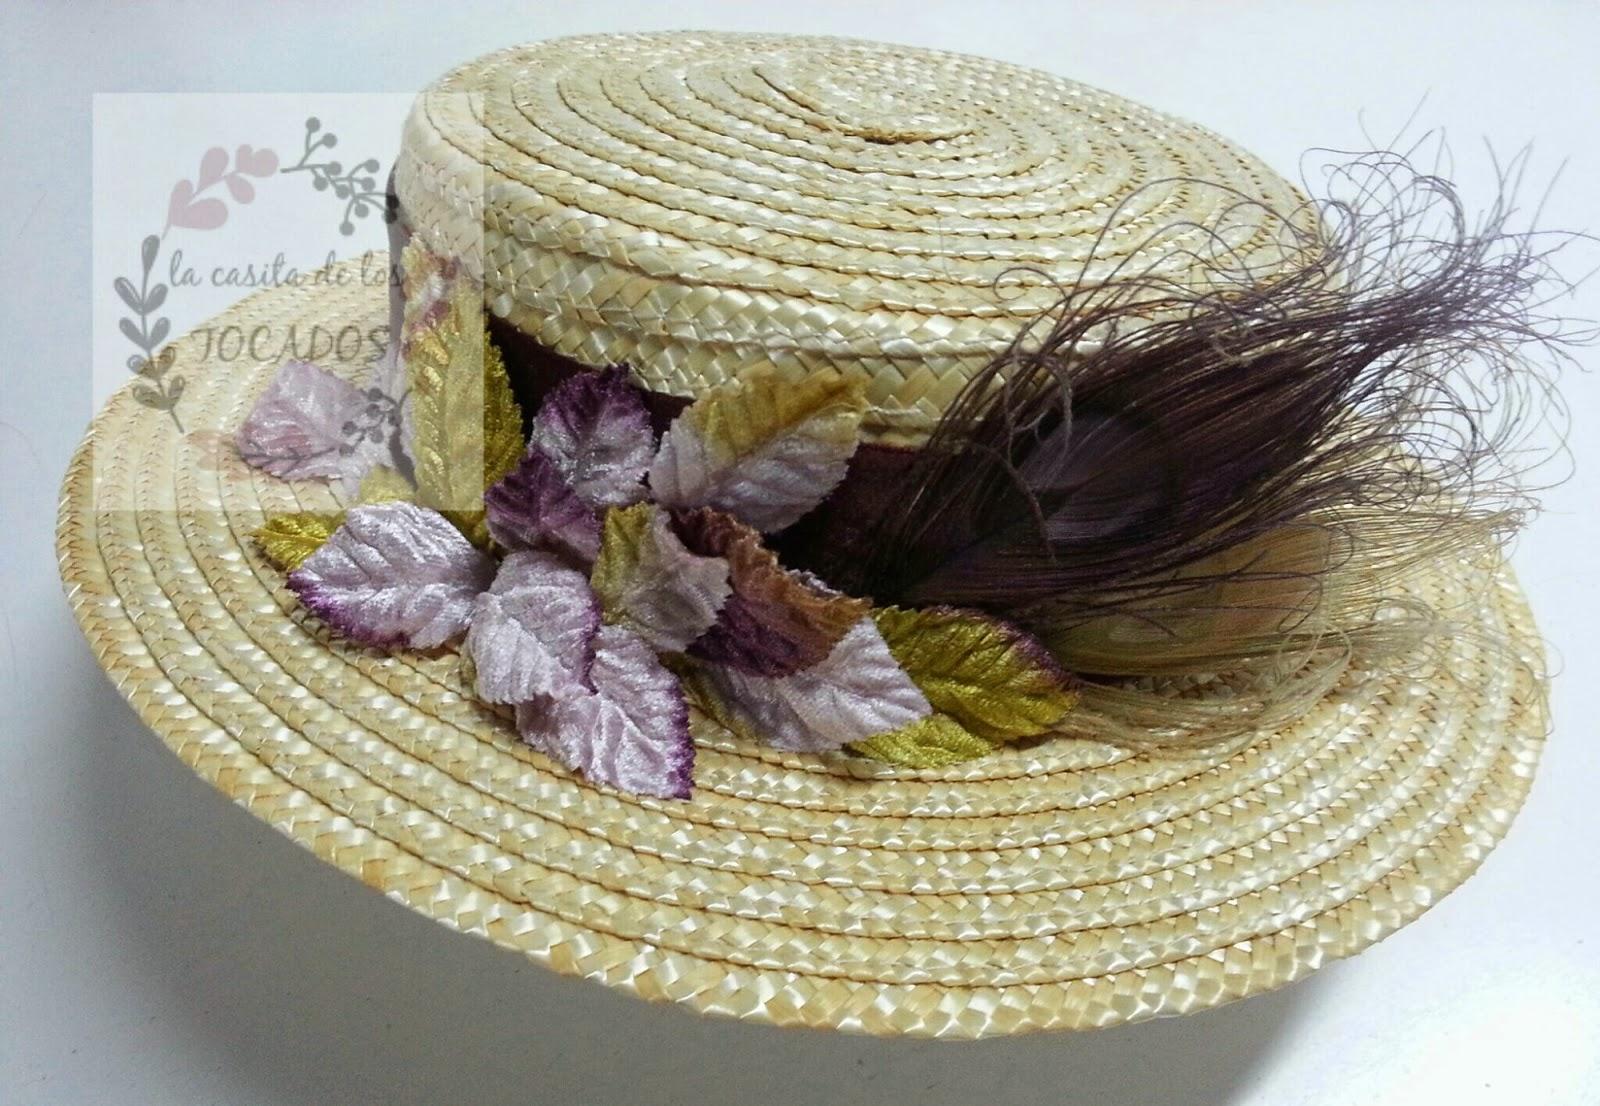 canotier con hojas de terciopelo en dorado, lavanda y vino, además de plumas de pavo real en vino y dorado, y cinta de raso en color vino